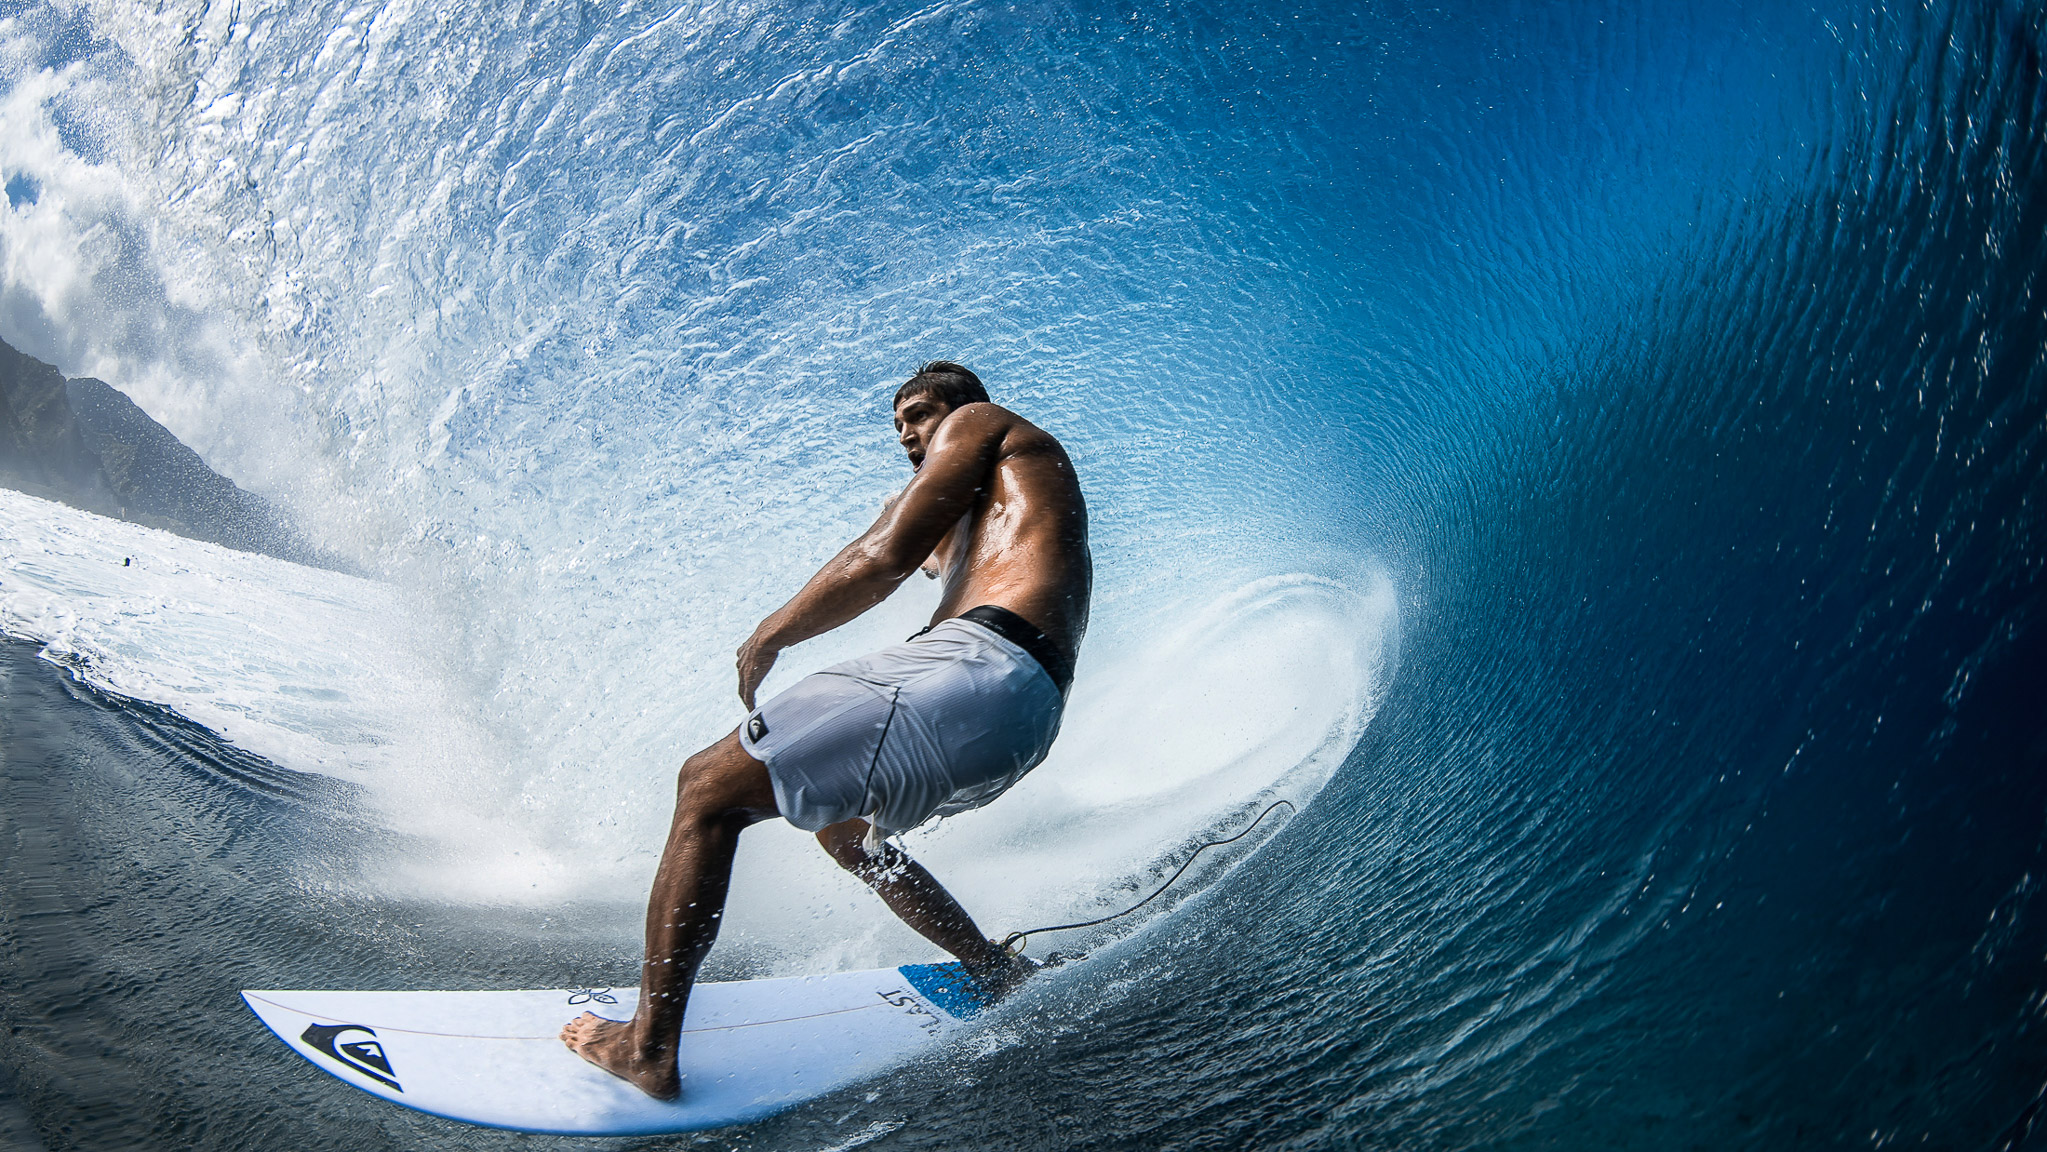 Tikanui Smith, Tahiti